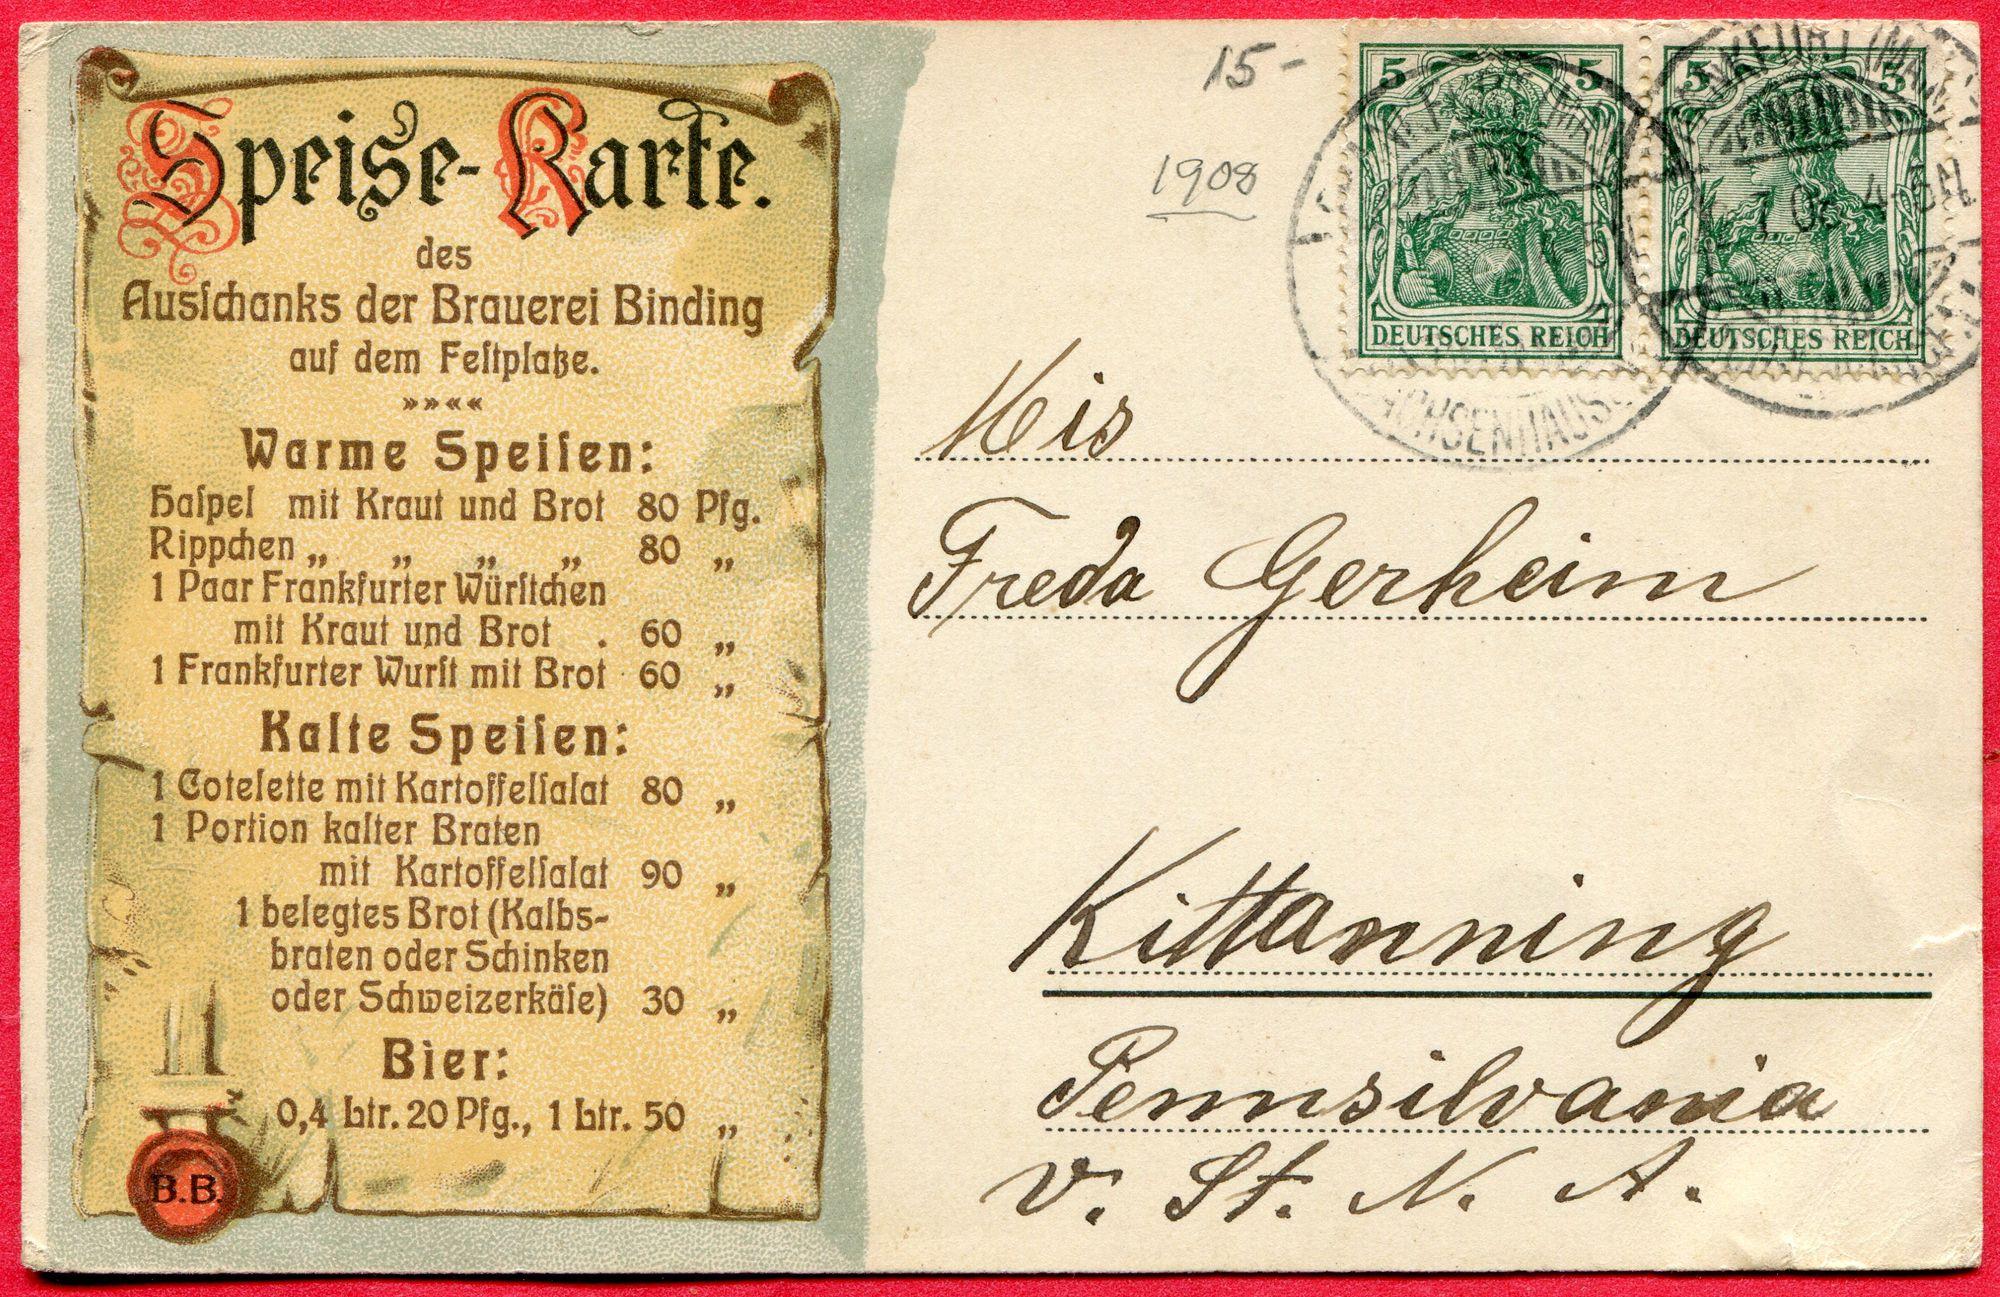 Speise Karte Frankfurt A M Xi Deutschen Turnfest Festhalle Brauerei Binding 1908